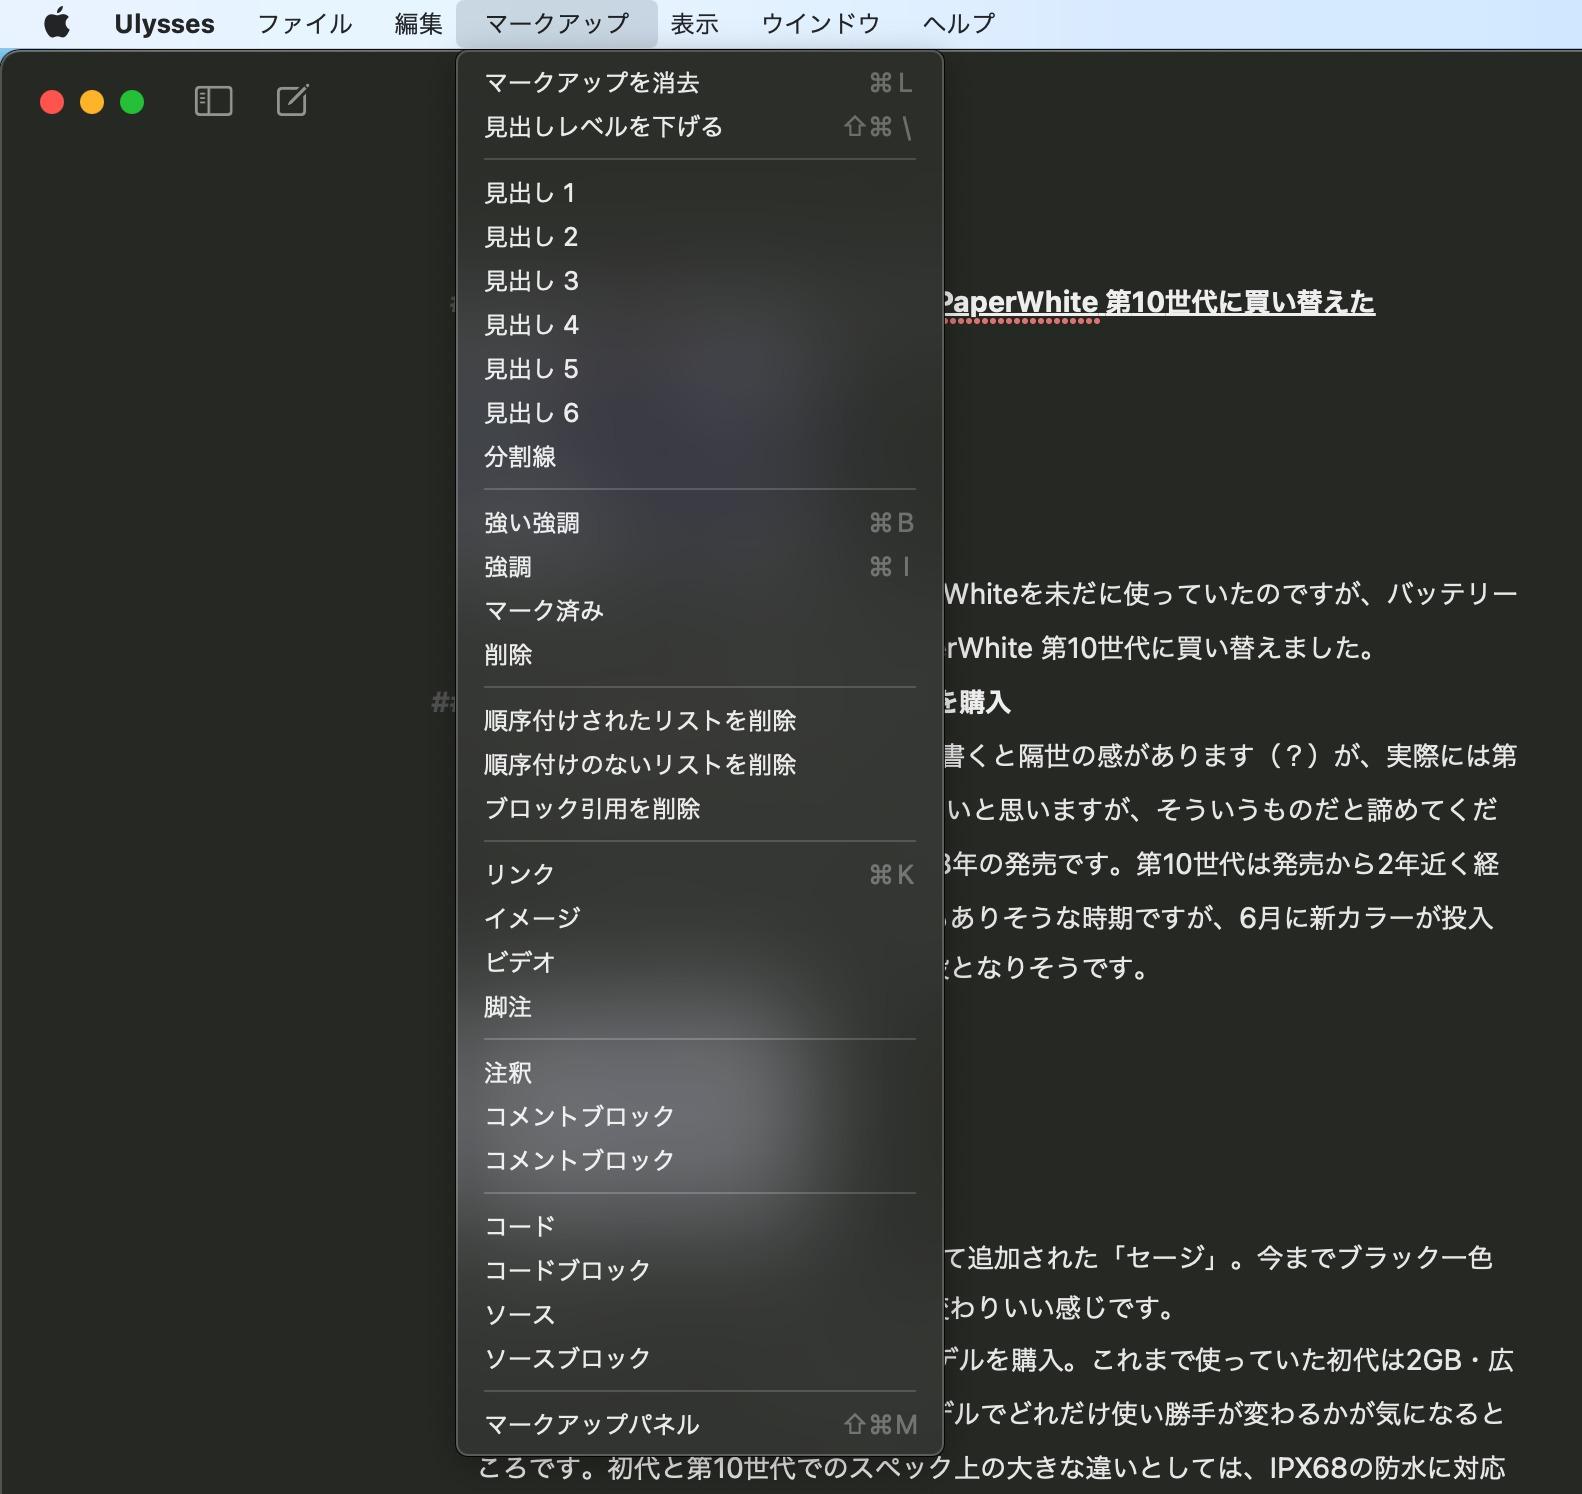 スクリーンショット 2021-01-06 23.24.10